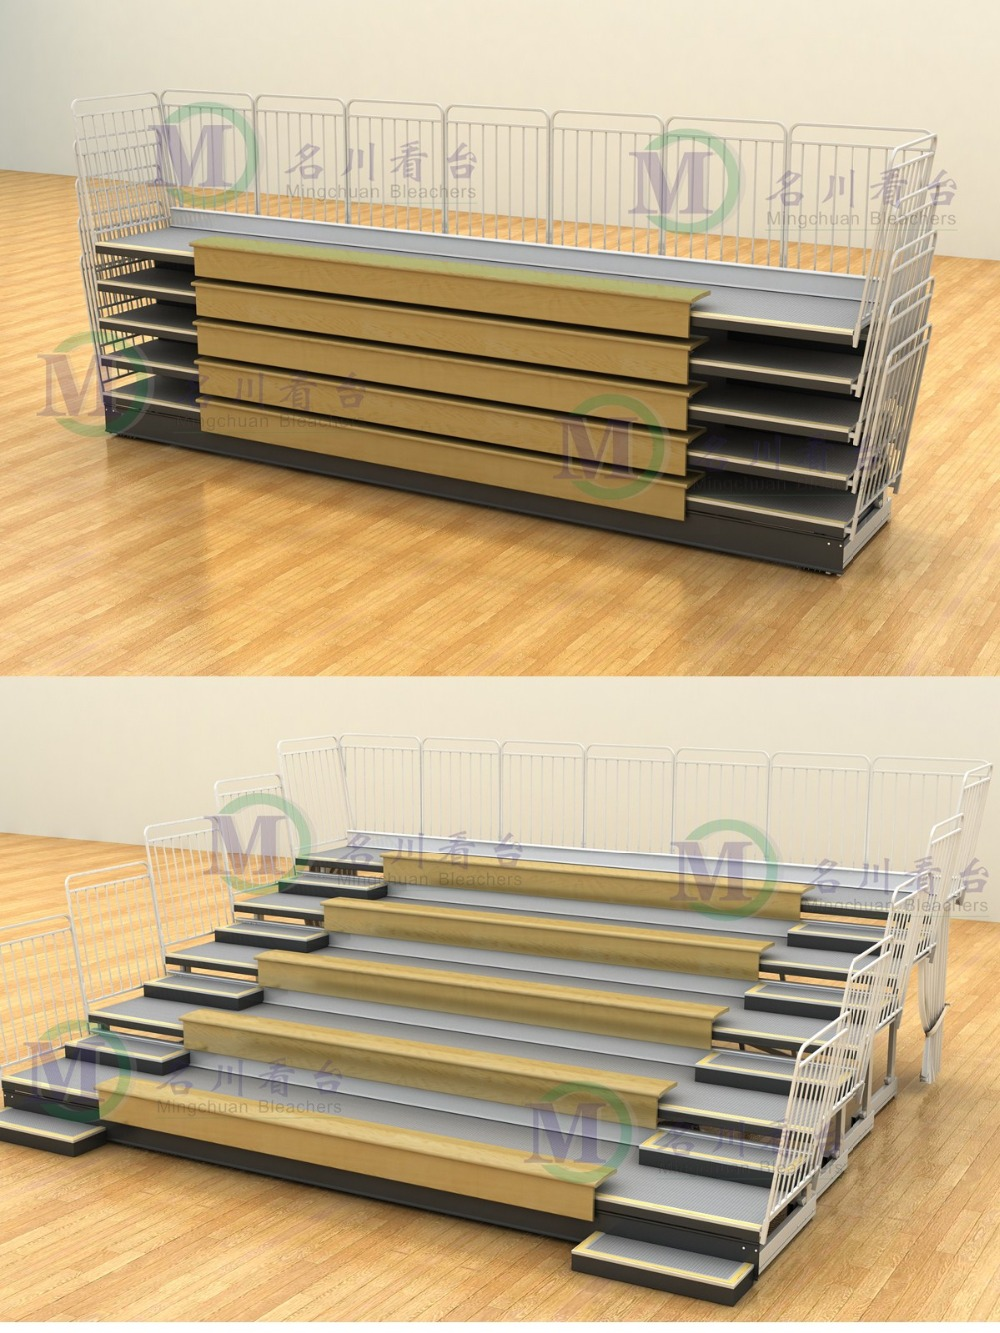 Jupiter Indoor Spectator Grandstand Chairs Telescopic